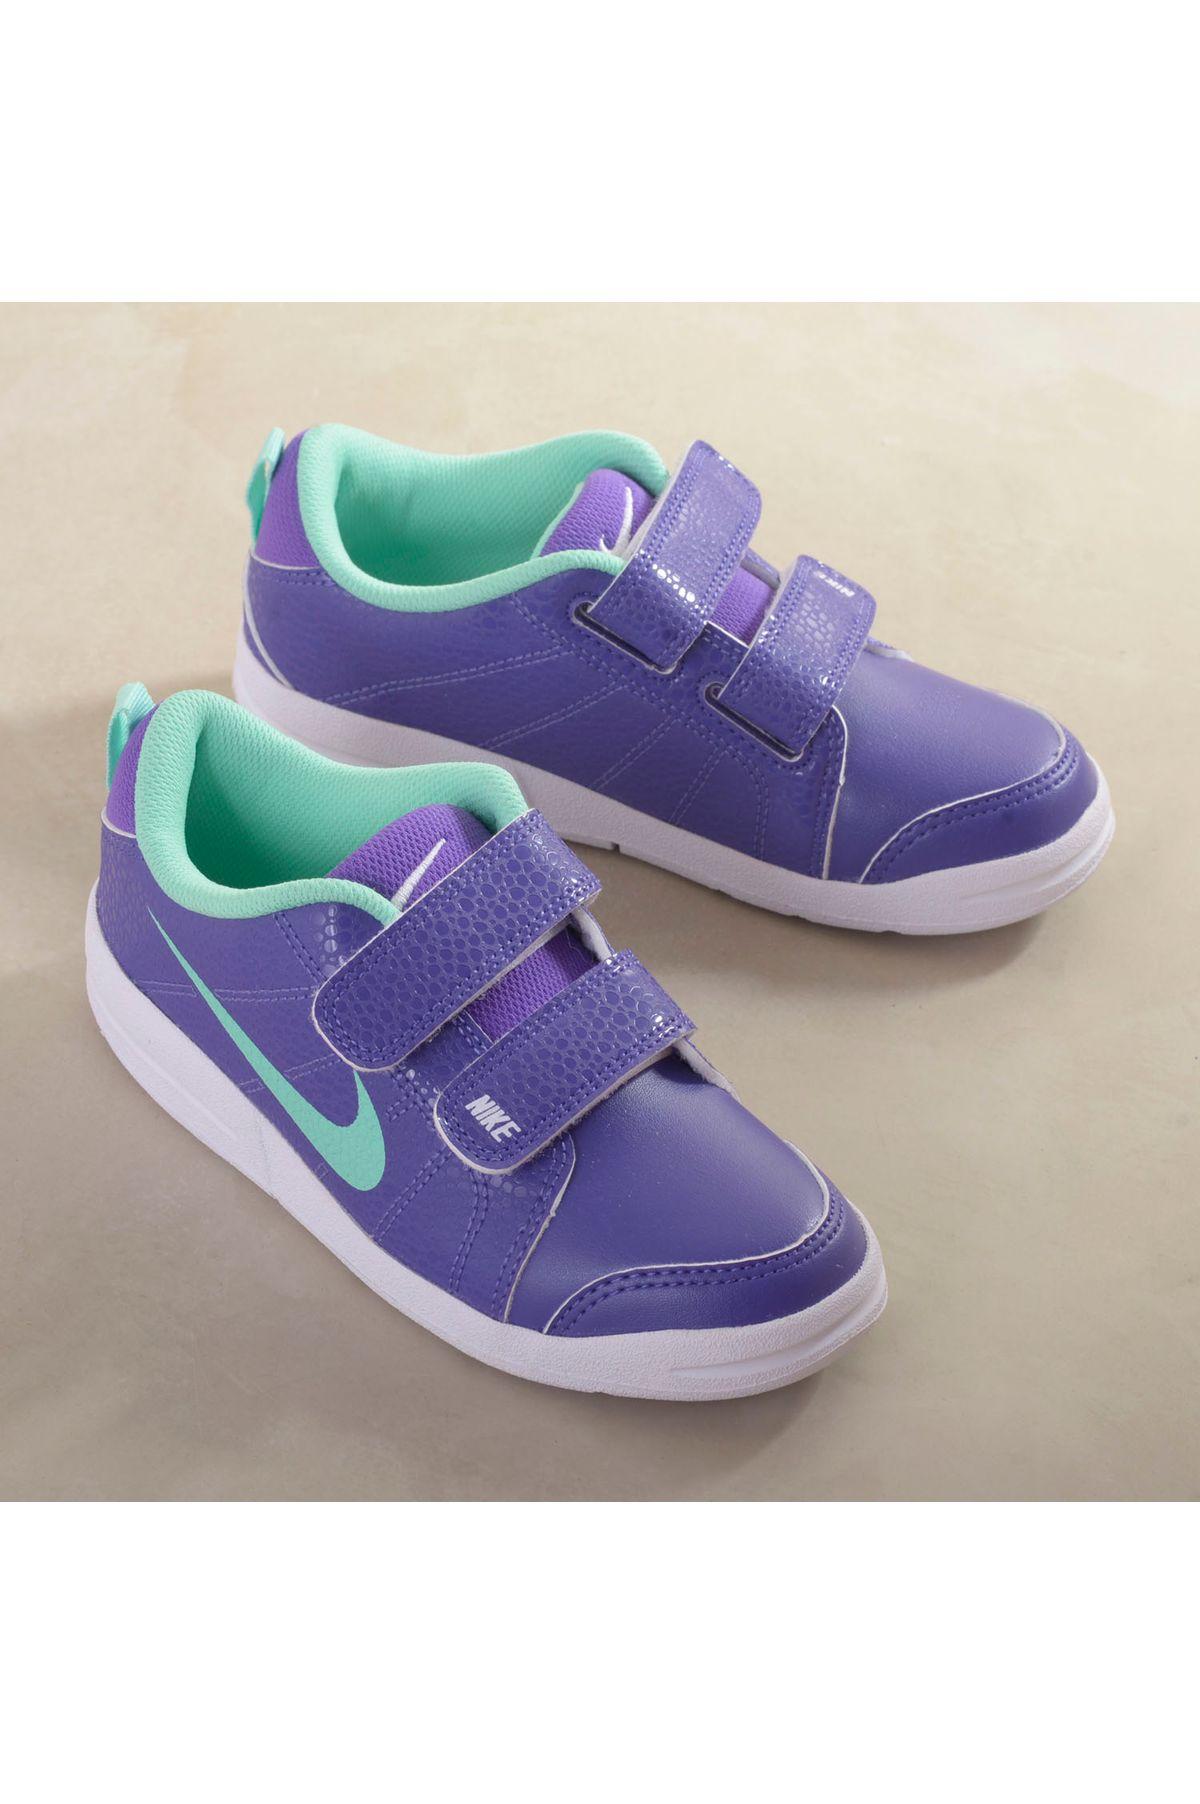 Tênis Nike Air Max 90 Leather Ps Infantil Tênis é Na Magicfeet 0430282291